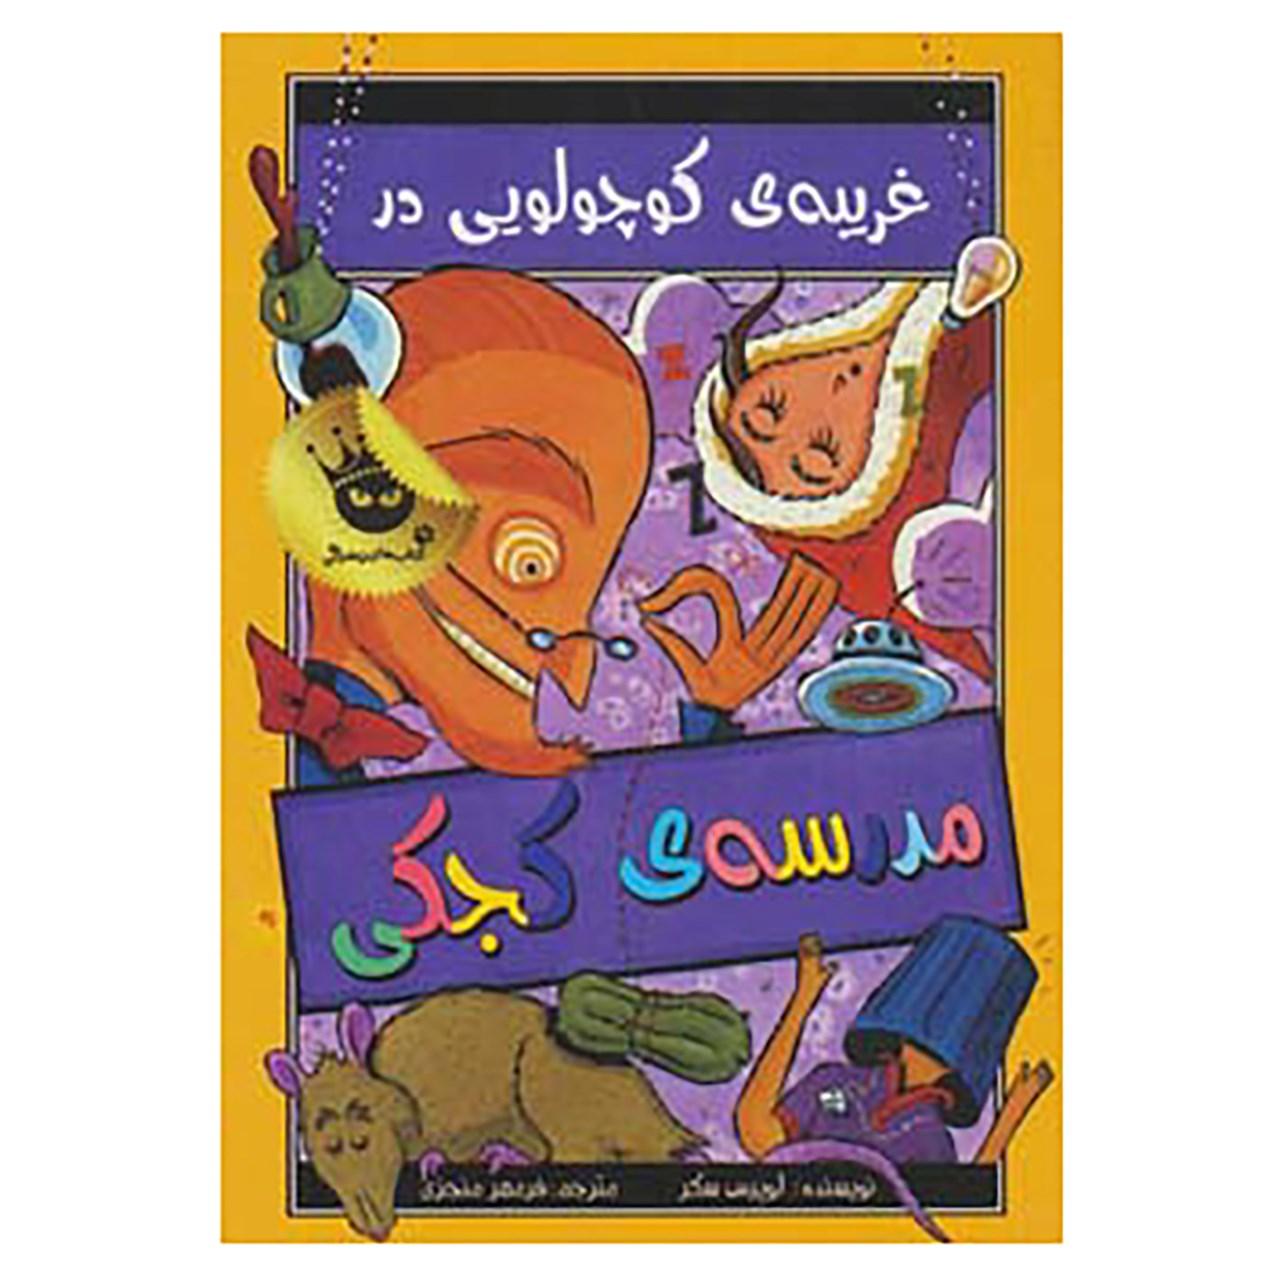 کتاب مدرسه ی کجکی 3 اثر لوییس سکر